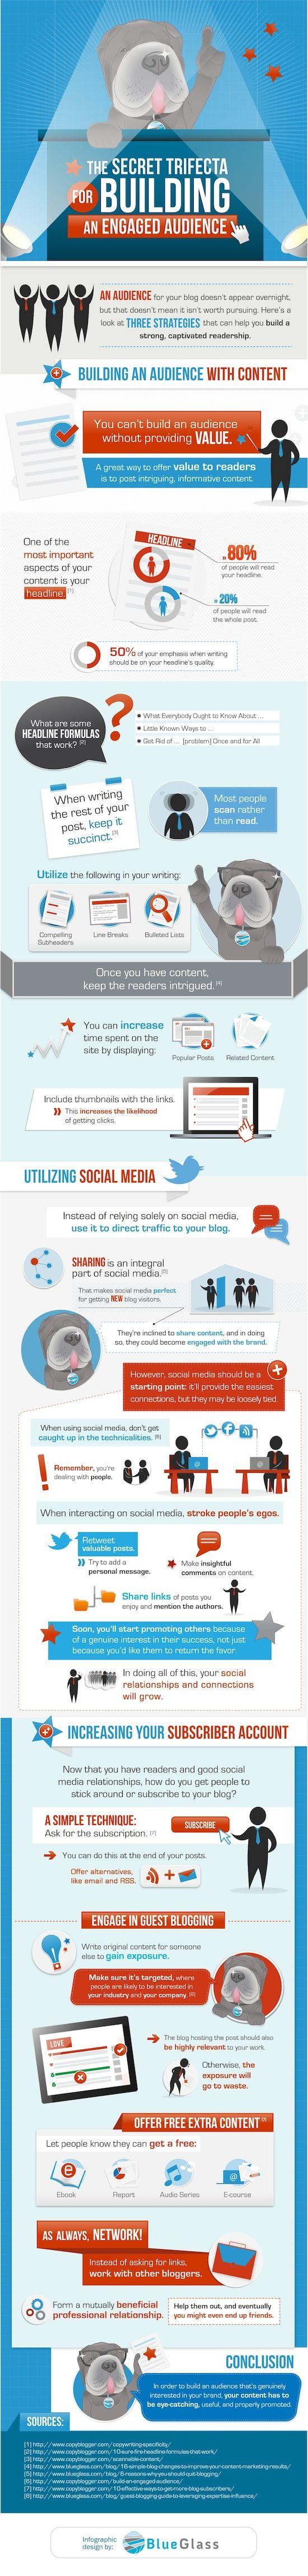 [infographie] Comment créer et maintenir l'audience sur son site - #infographic